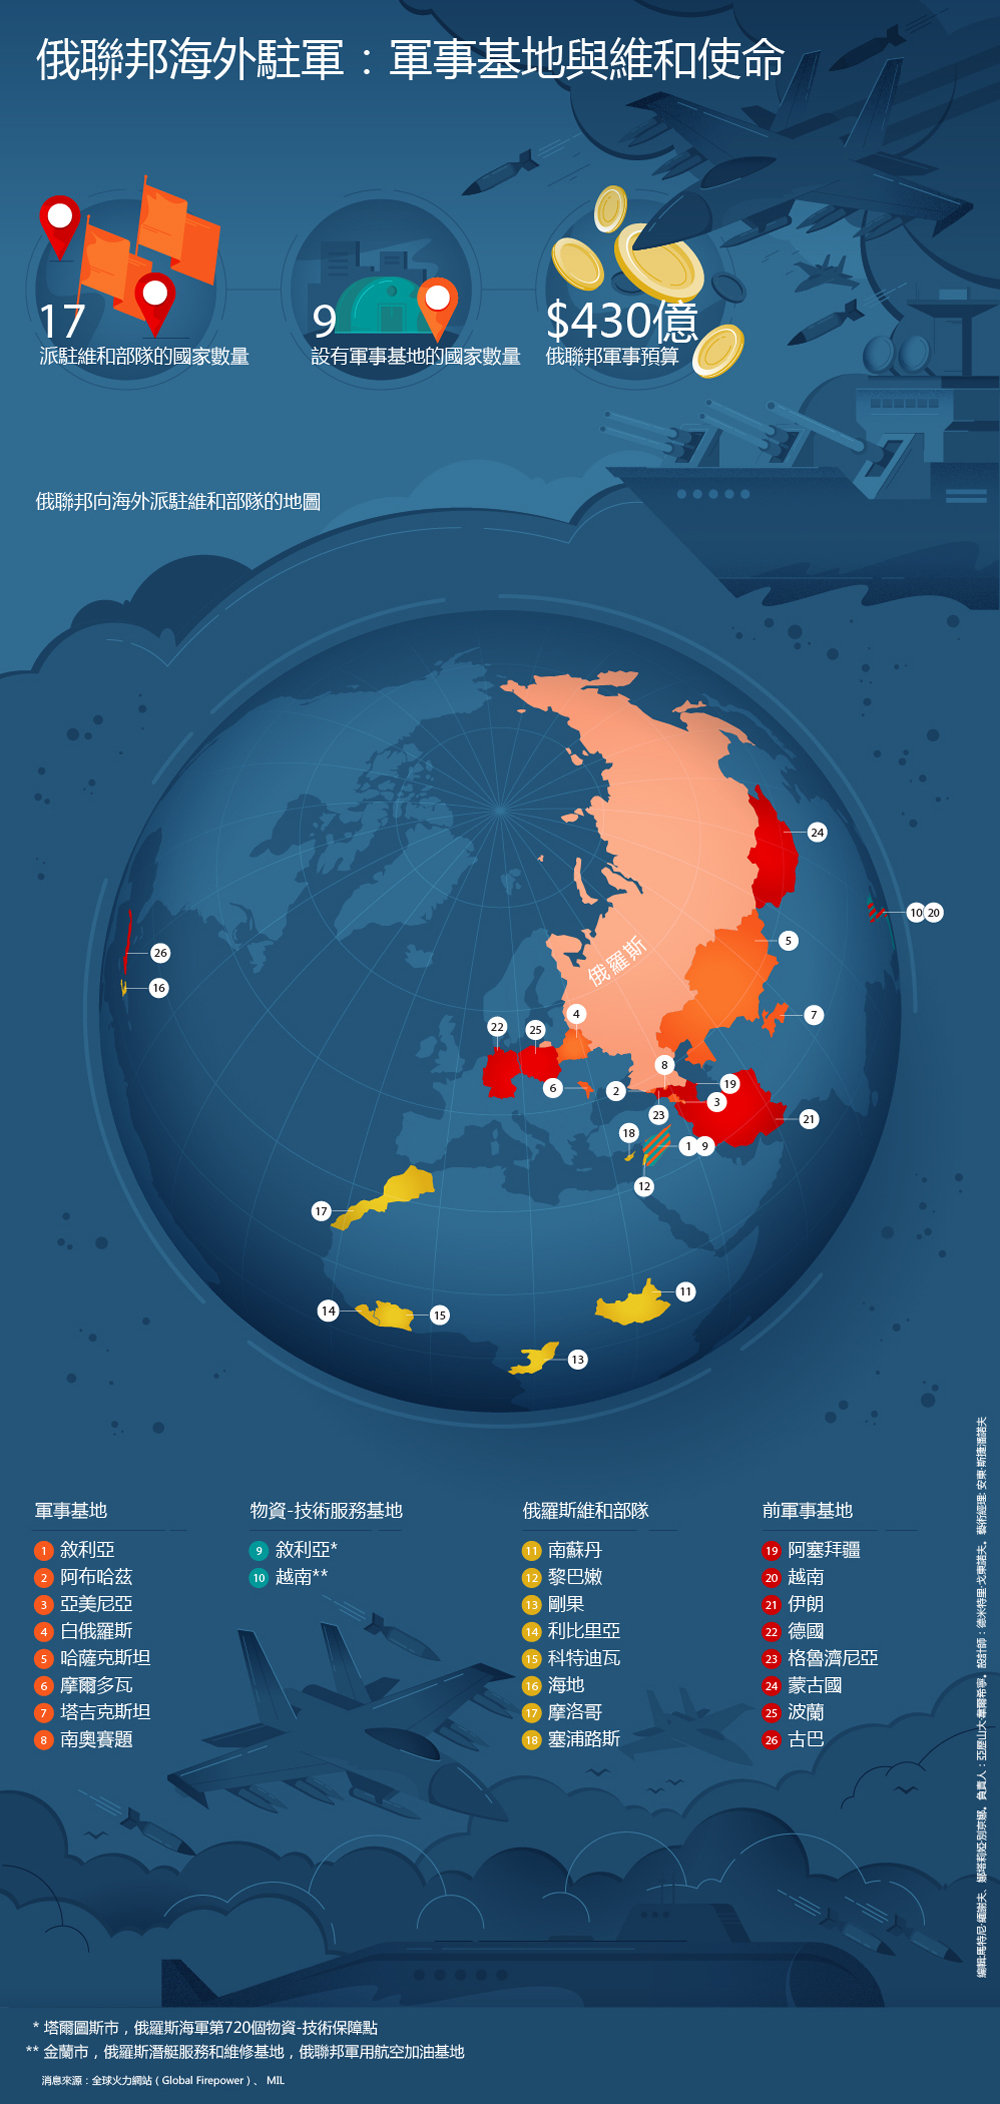 俄聯邦海外駐軍:軍事基地與維和使命#